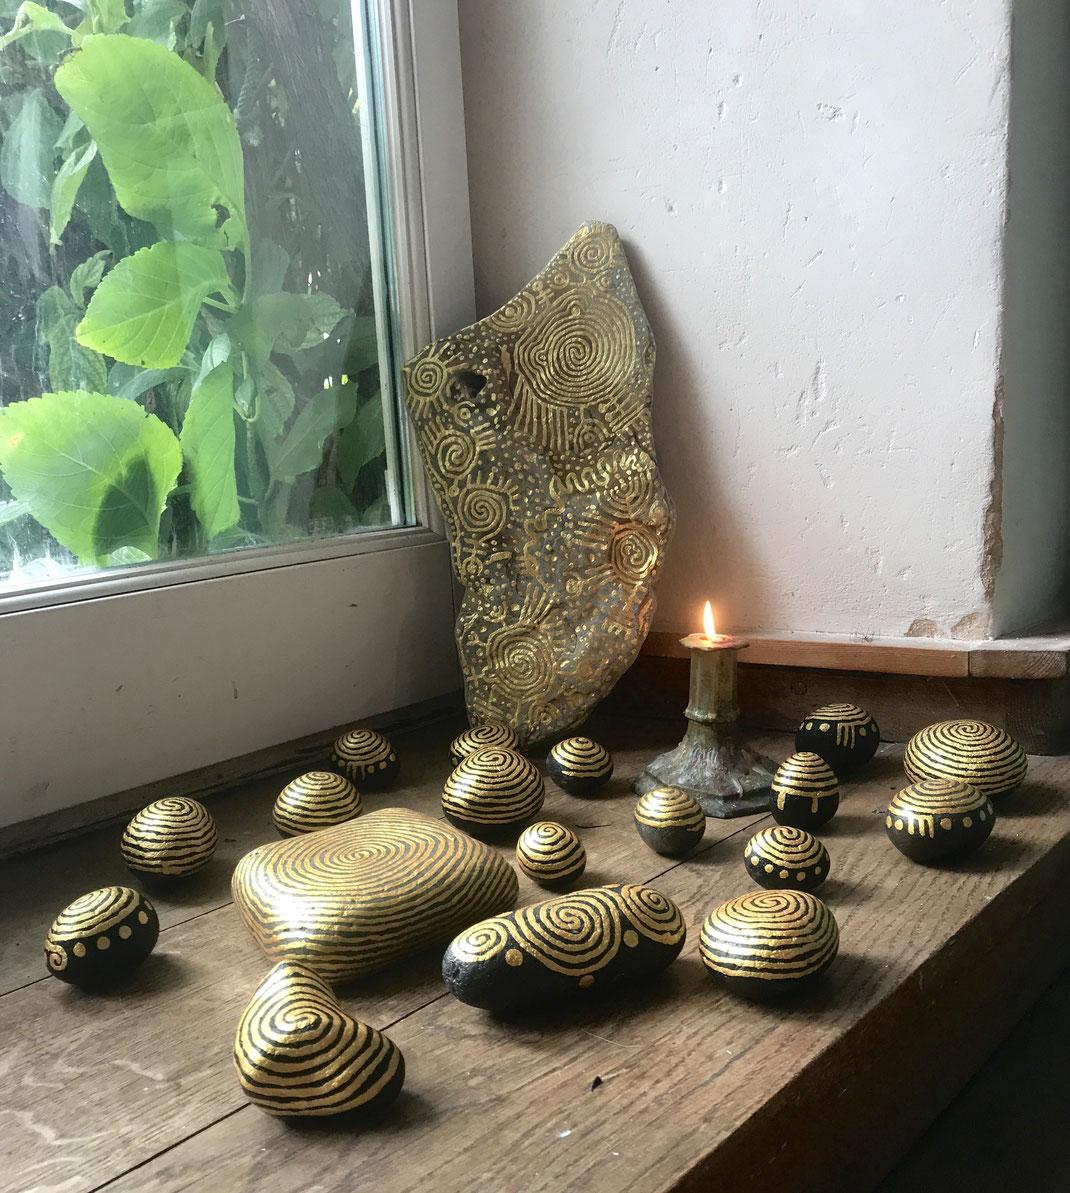 bemalte Steine, Frankreich, Labyrinth aus Gold, Labyrinthsteine, Matthias Eule